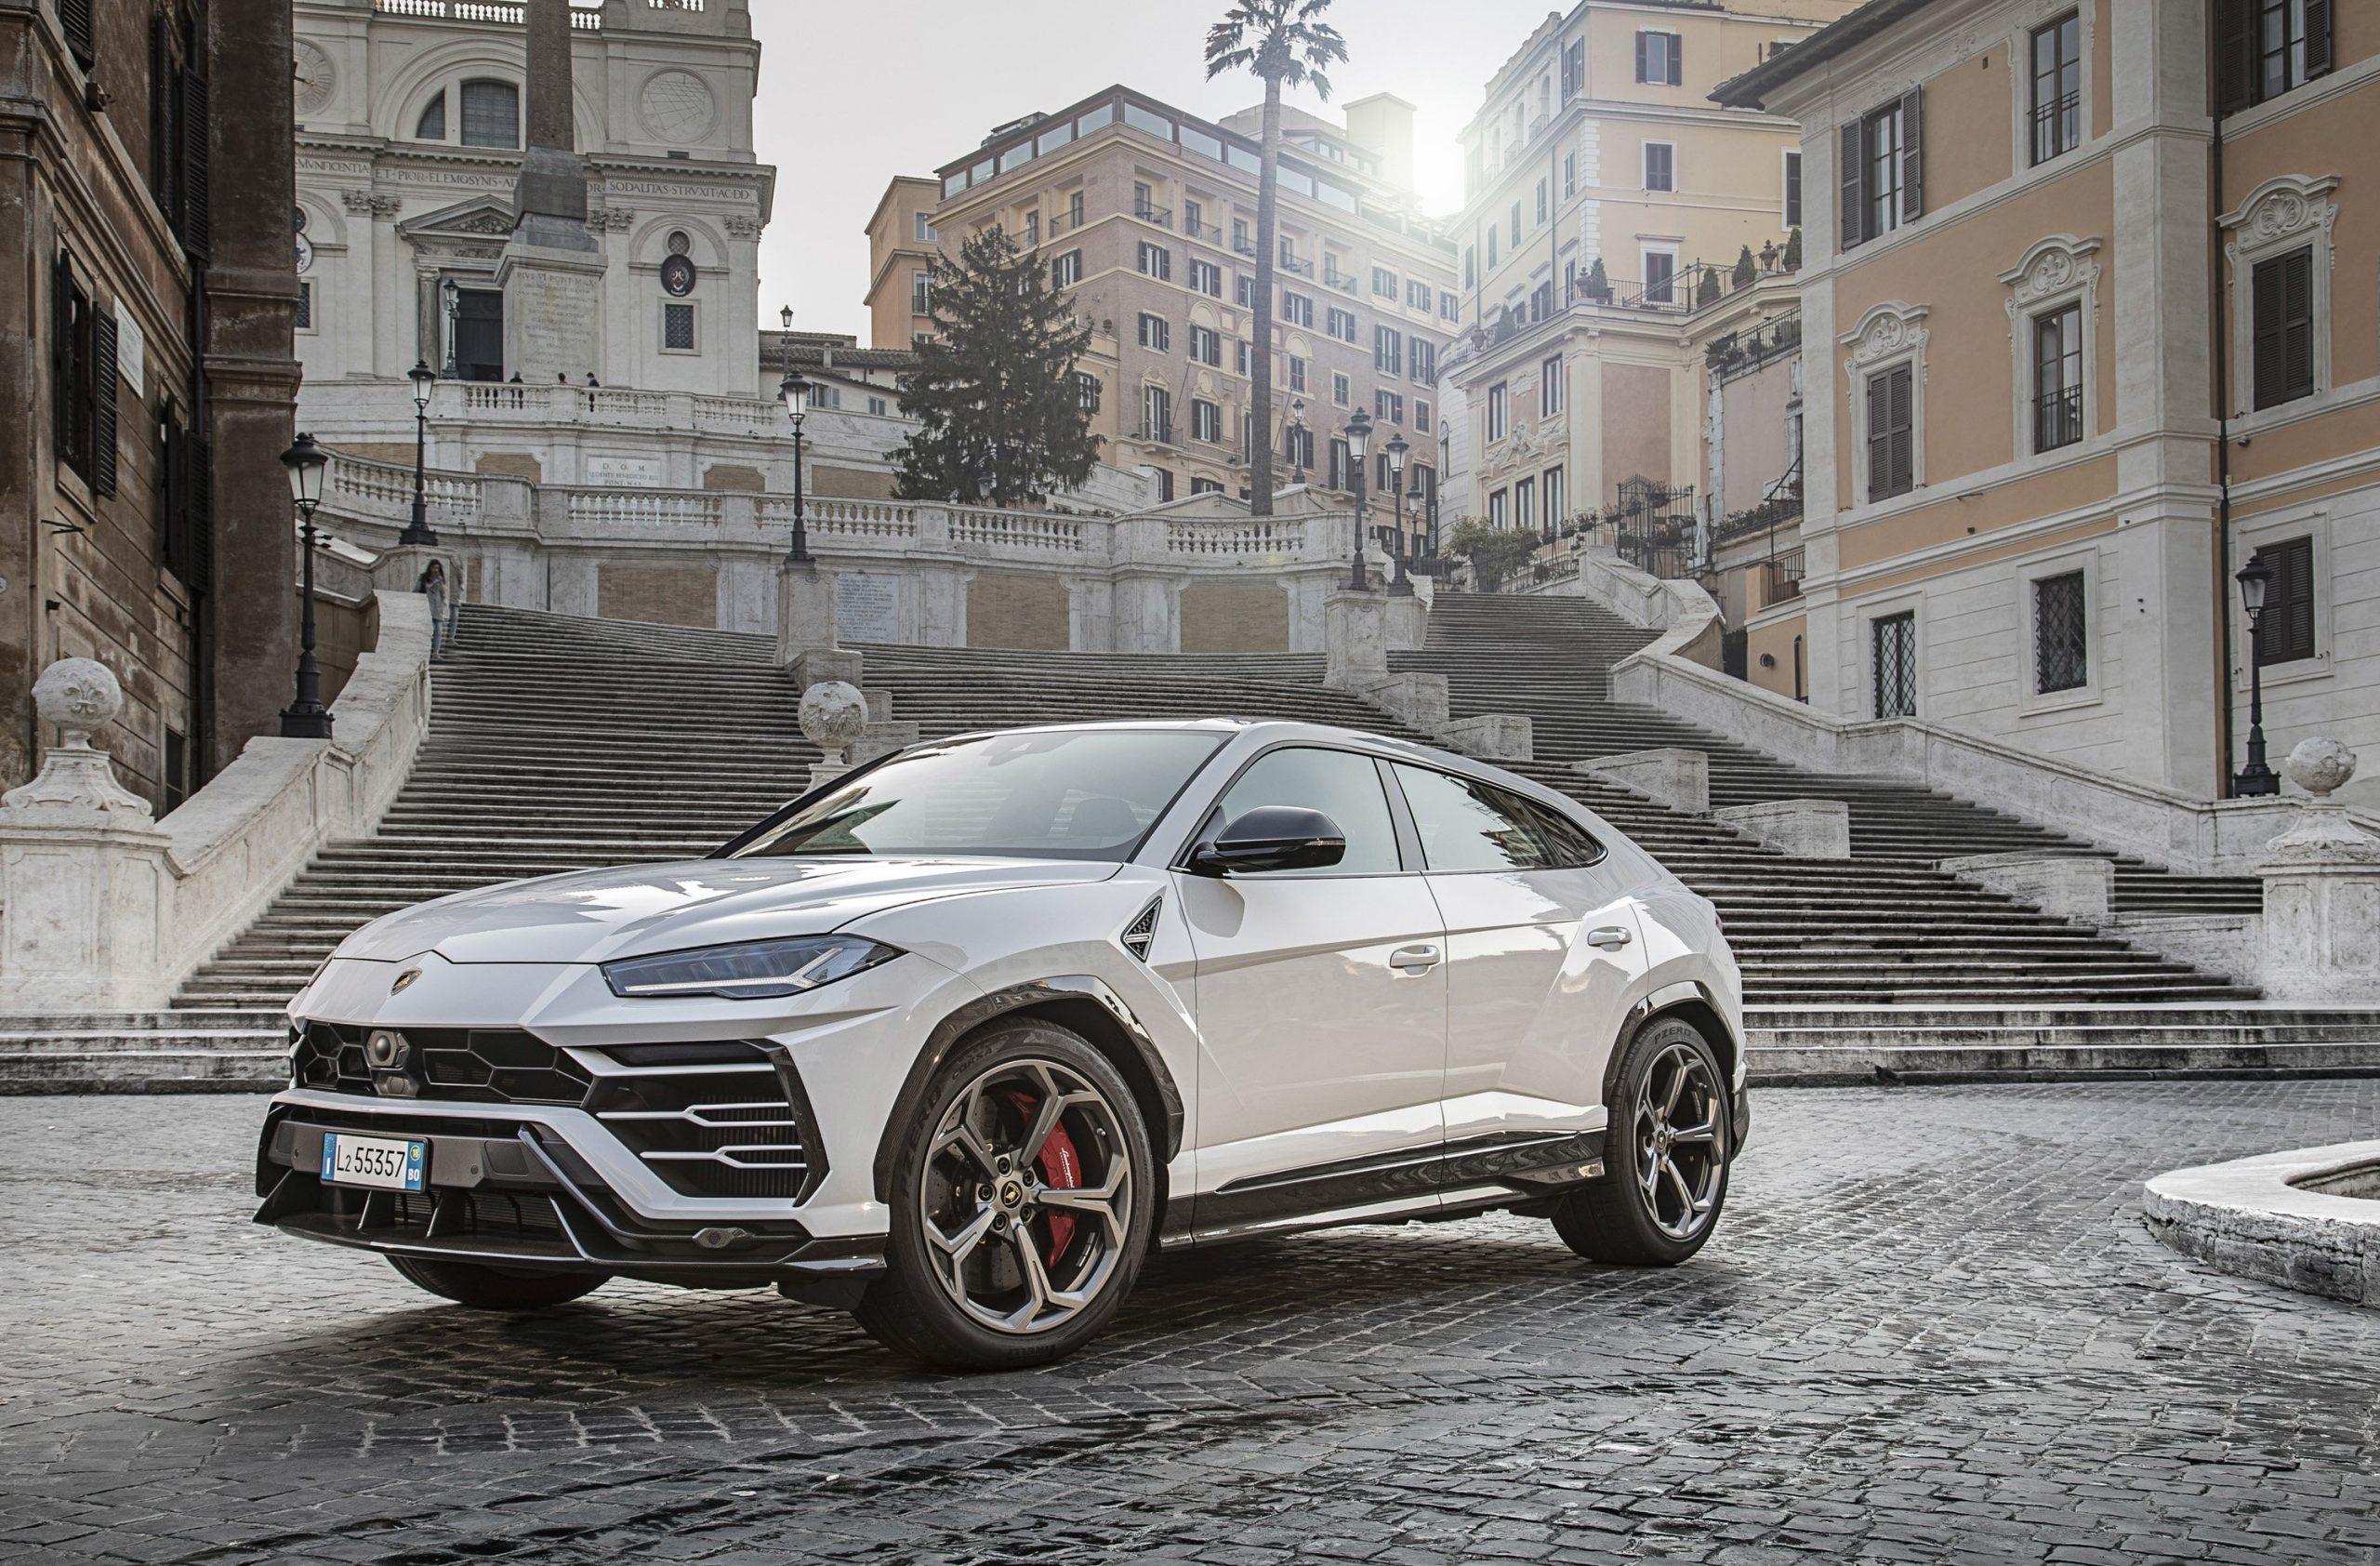 Lamborghini Car Sales Data